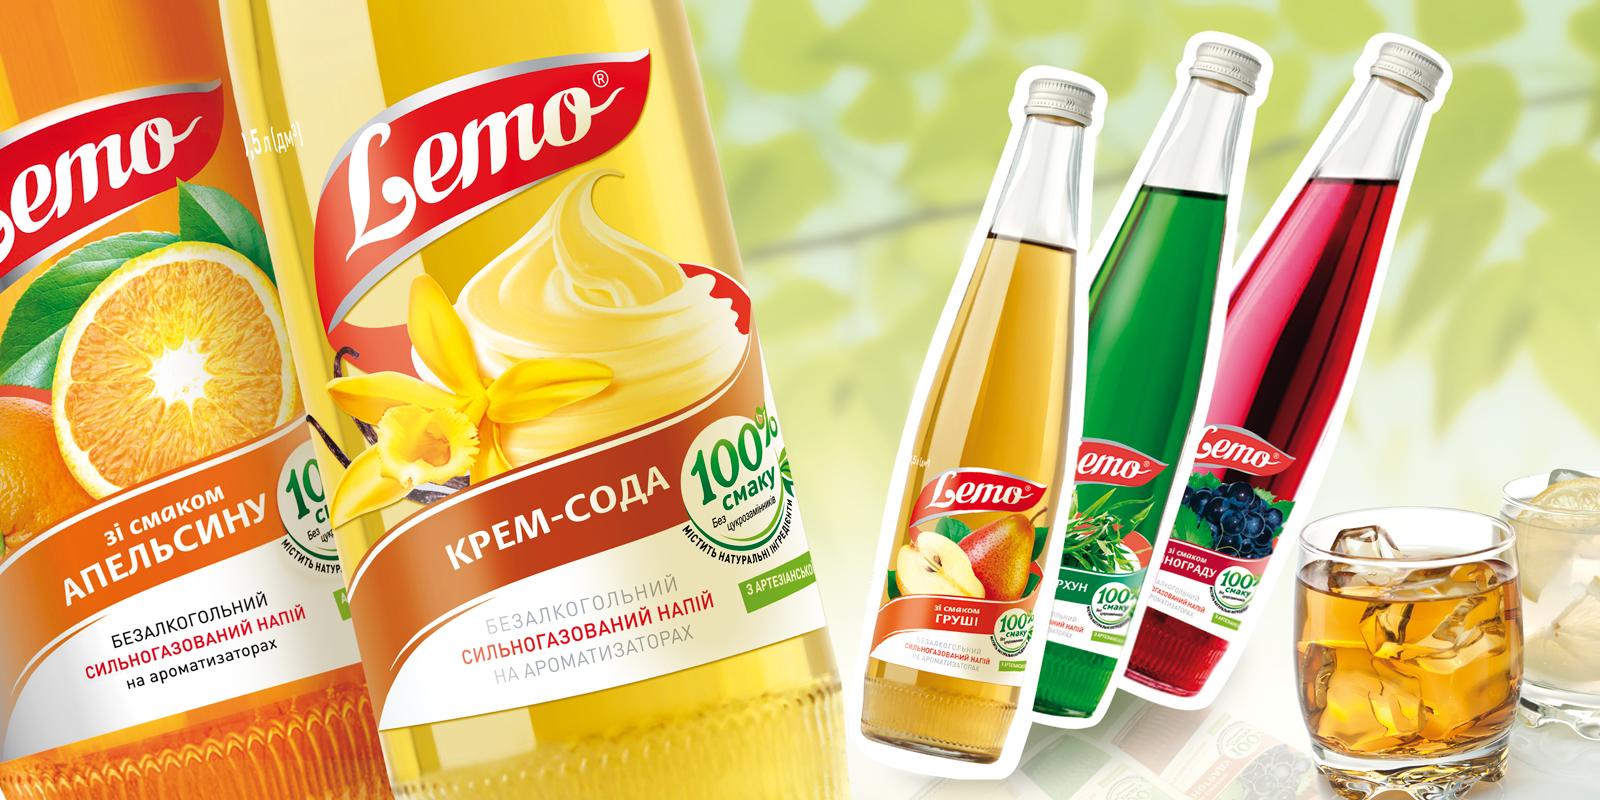 TM Lemo;;;;;;Разработка дизайна бутылки и этикетки для ТМ Lemo;;;;;;<span>Клиент:</span> TM Lemo;;;;;;;;;;;;Разработка дизайна бутылки и этикетки для ТМ Lemo;;;;;; 2 ;;;;;;